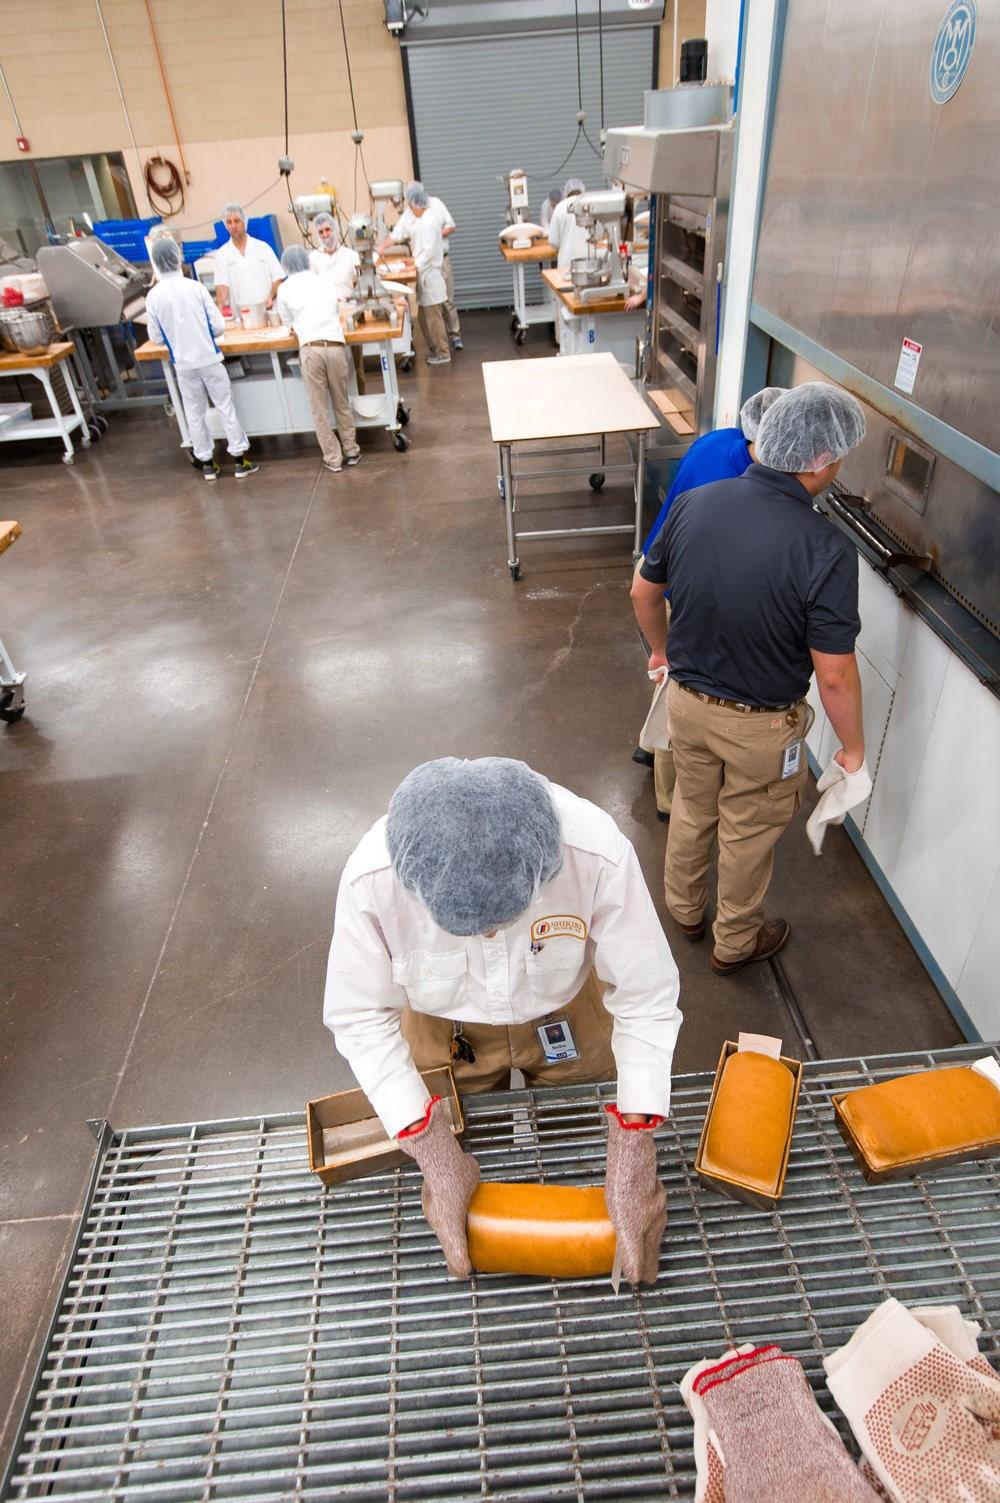 Una vez que el producto se enfría adecuadamente, los estudiantes aprenden el proceso de rebanado y empacado.